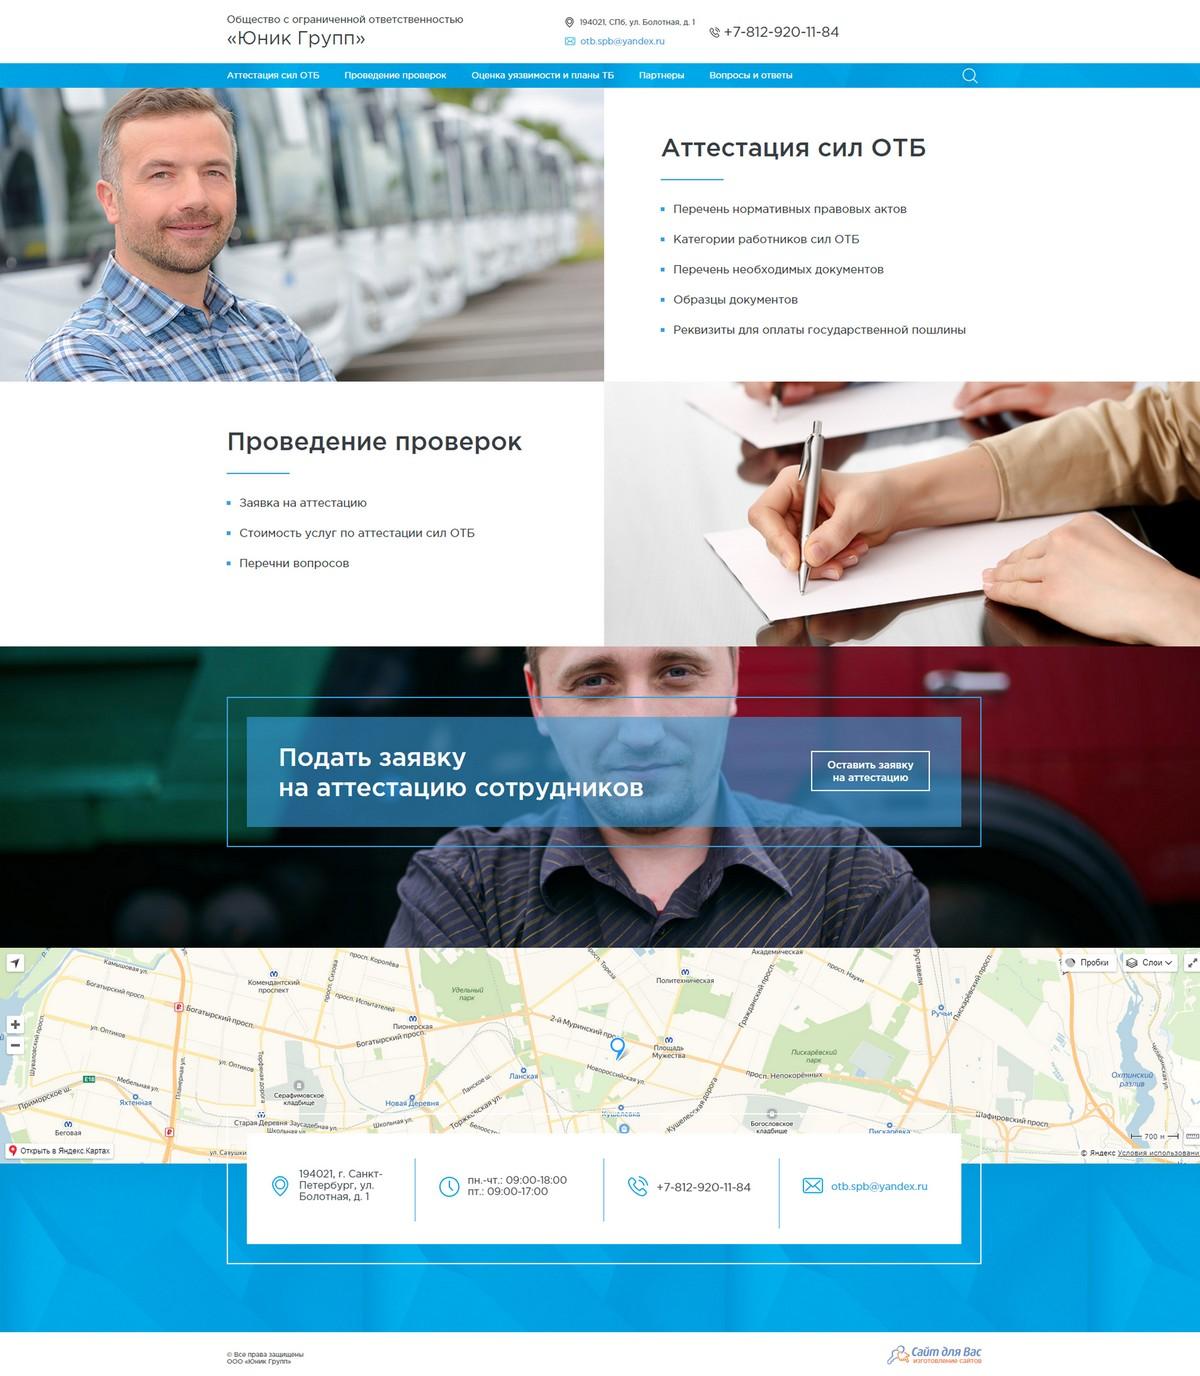 Компания сайт для вас спб металлургическая транспортная компания сайт